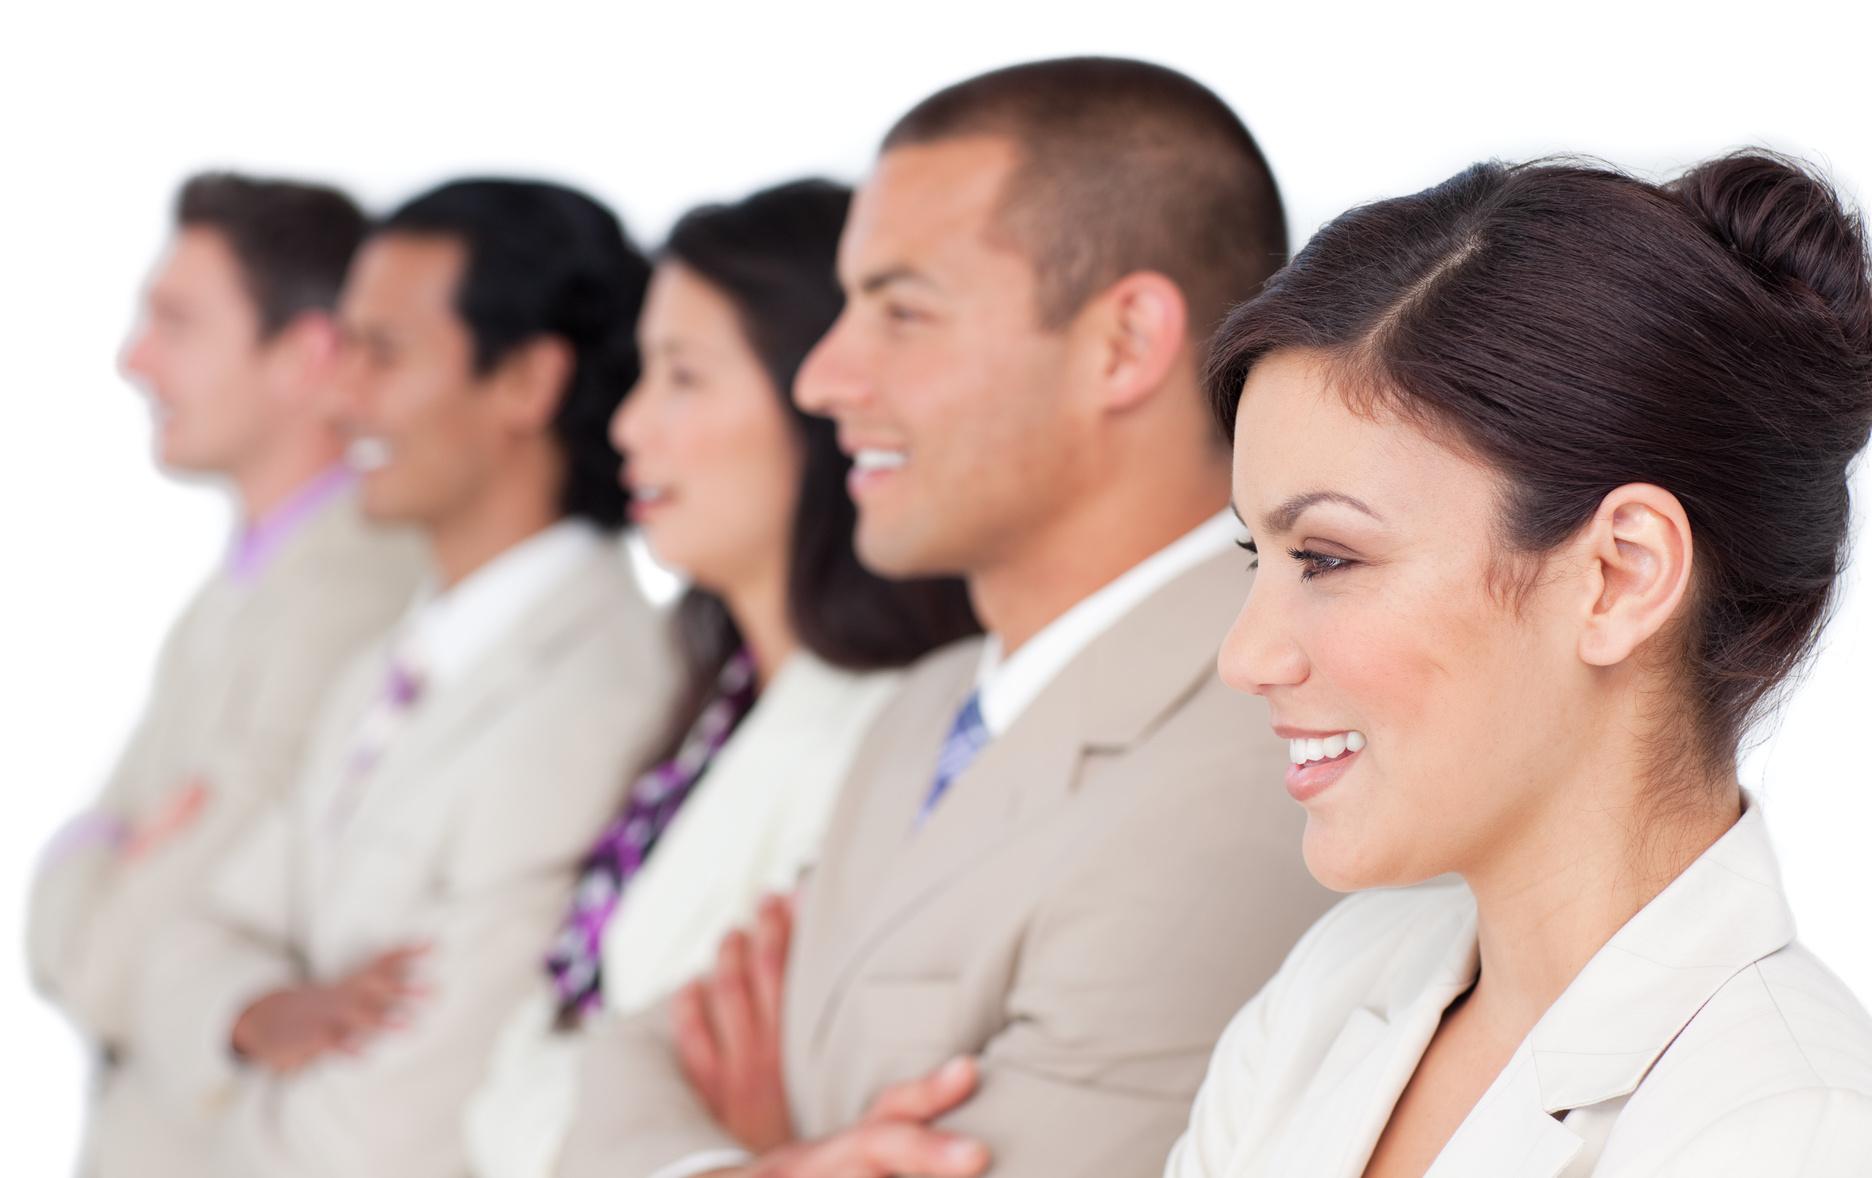 011368014-business-team-standing-in-a-li.jpeg